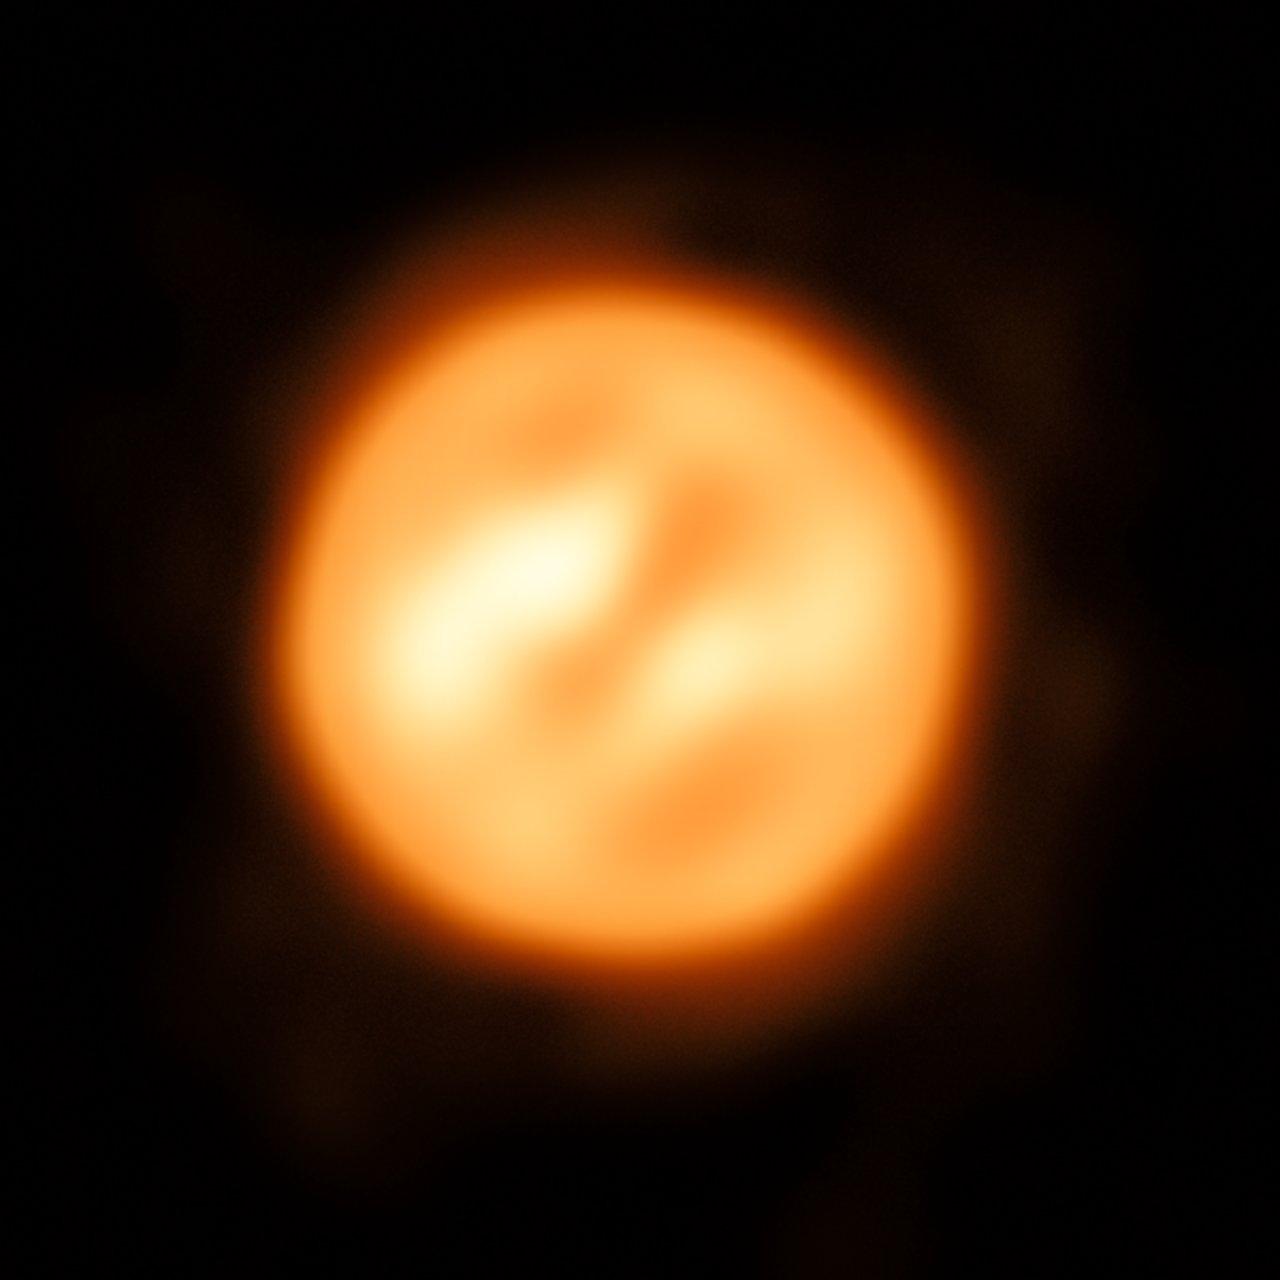 Usando lo strumento VLTI dell'ESO, alcuni astronomi hanno ricostruito questa stupenda immagine della supergigante rossa Antares: è l'immagine più dettagliata mai ottenuta per una stella che non sia il Sole. Crediti: ESO/K. Ohnaka https://www.eso.org/public/italy/images/eso1726a/